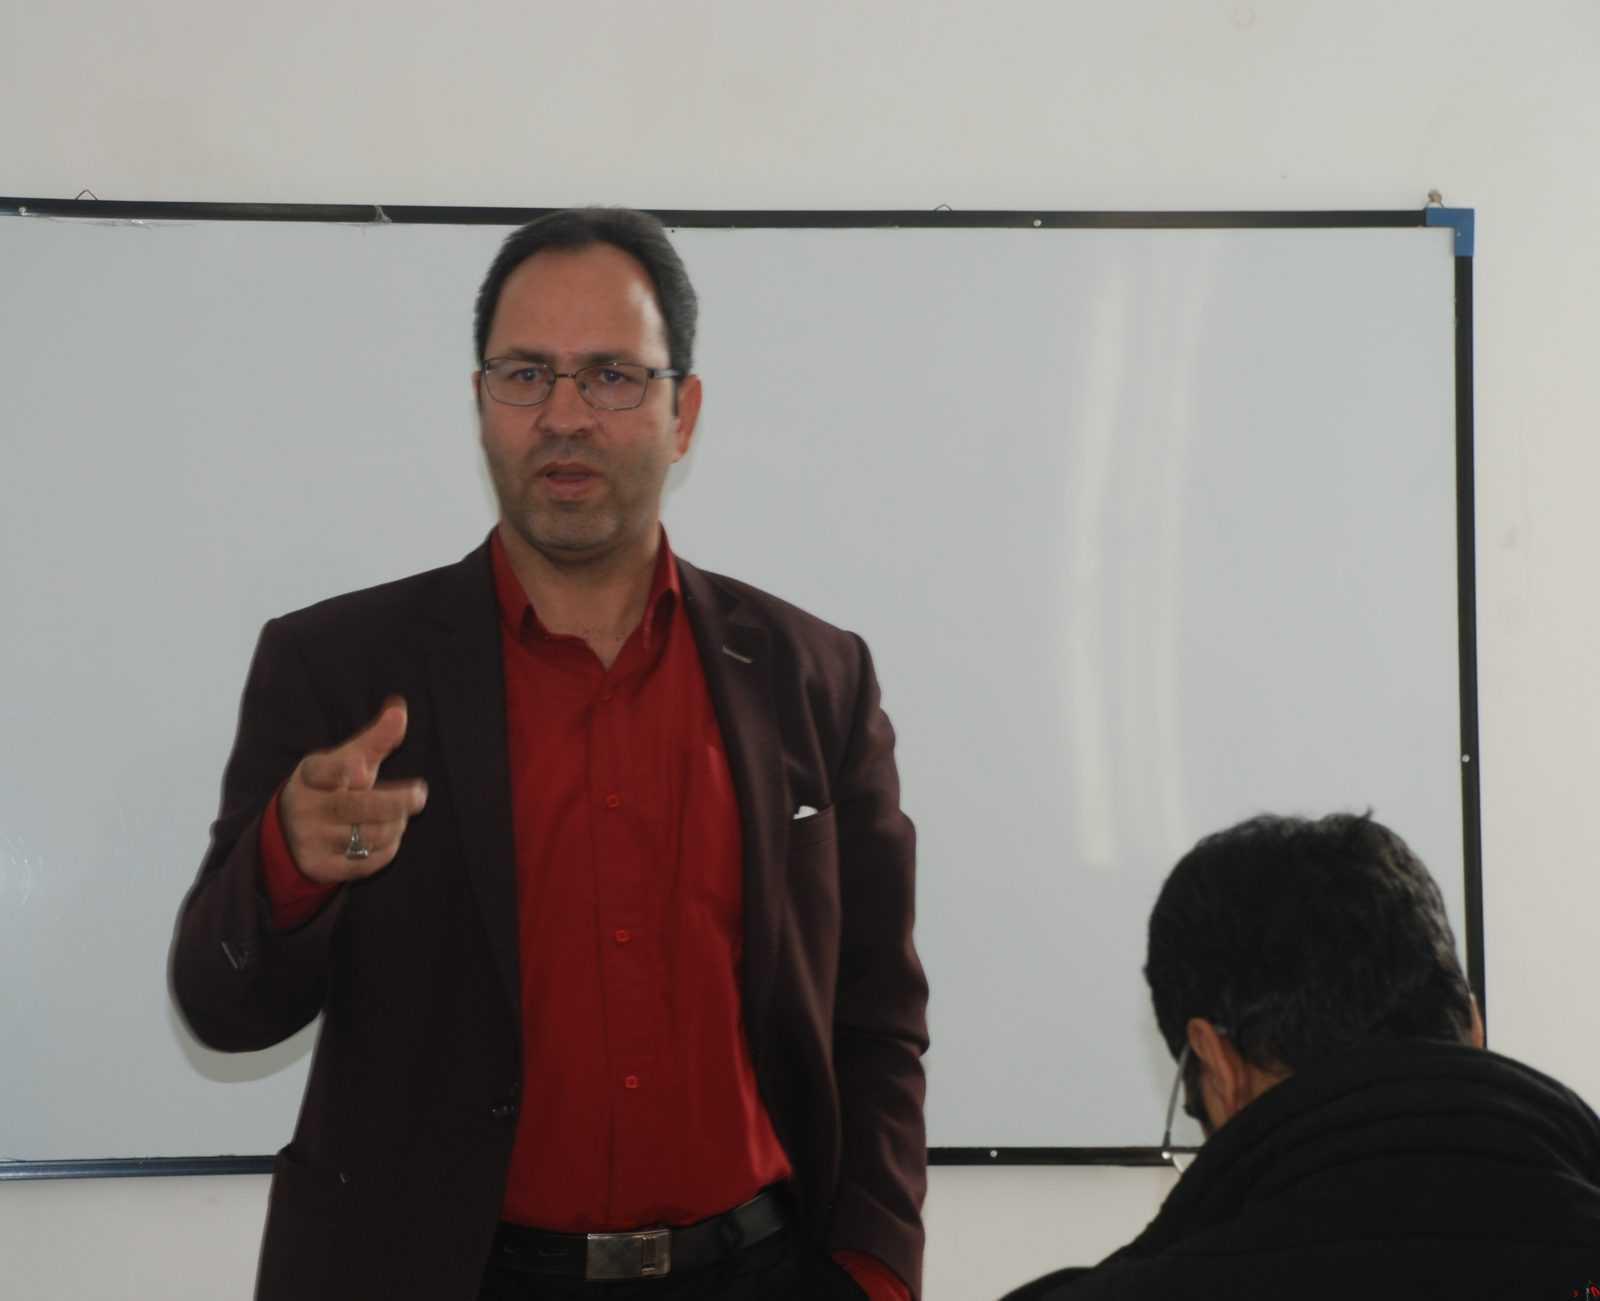 چشم انداز روابط ایران و آمریکا تا سال  2024 ( یادداشت دکتر محمّد بیدگلی مُدرّسِ دانشگاه و کارشناس مسائل ایران )